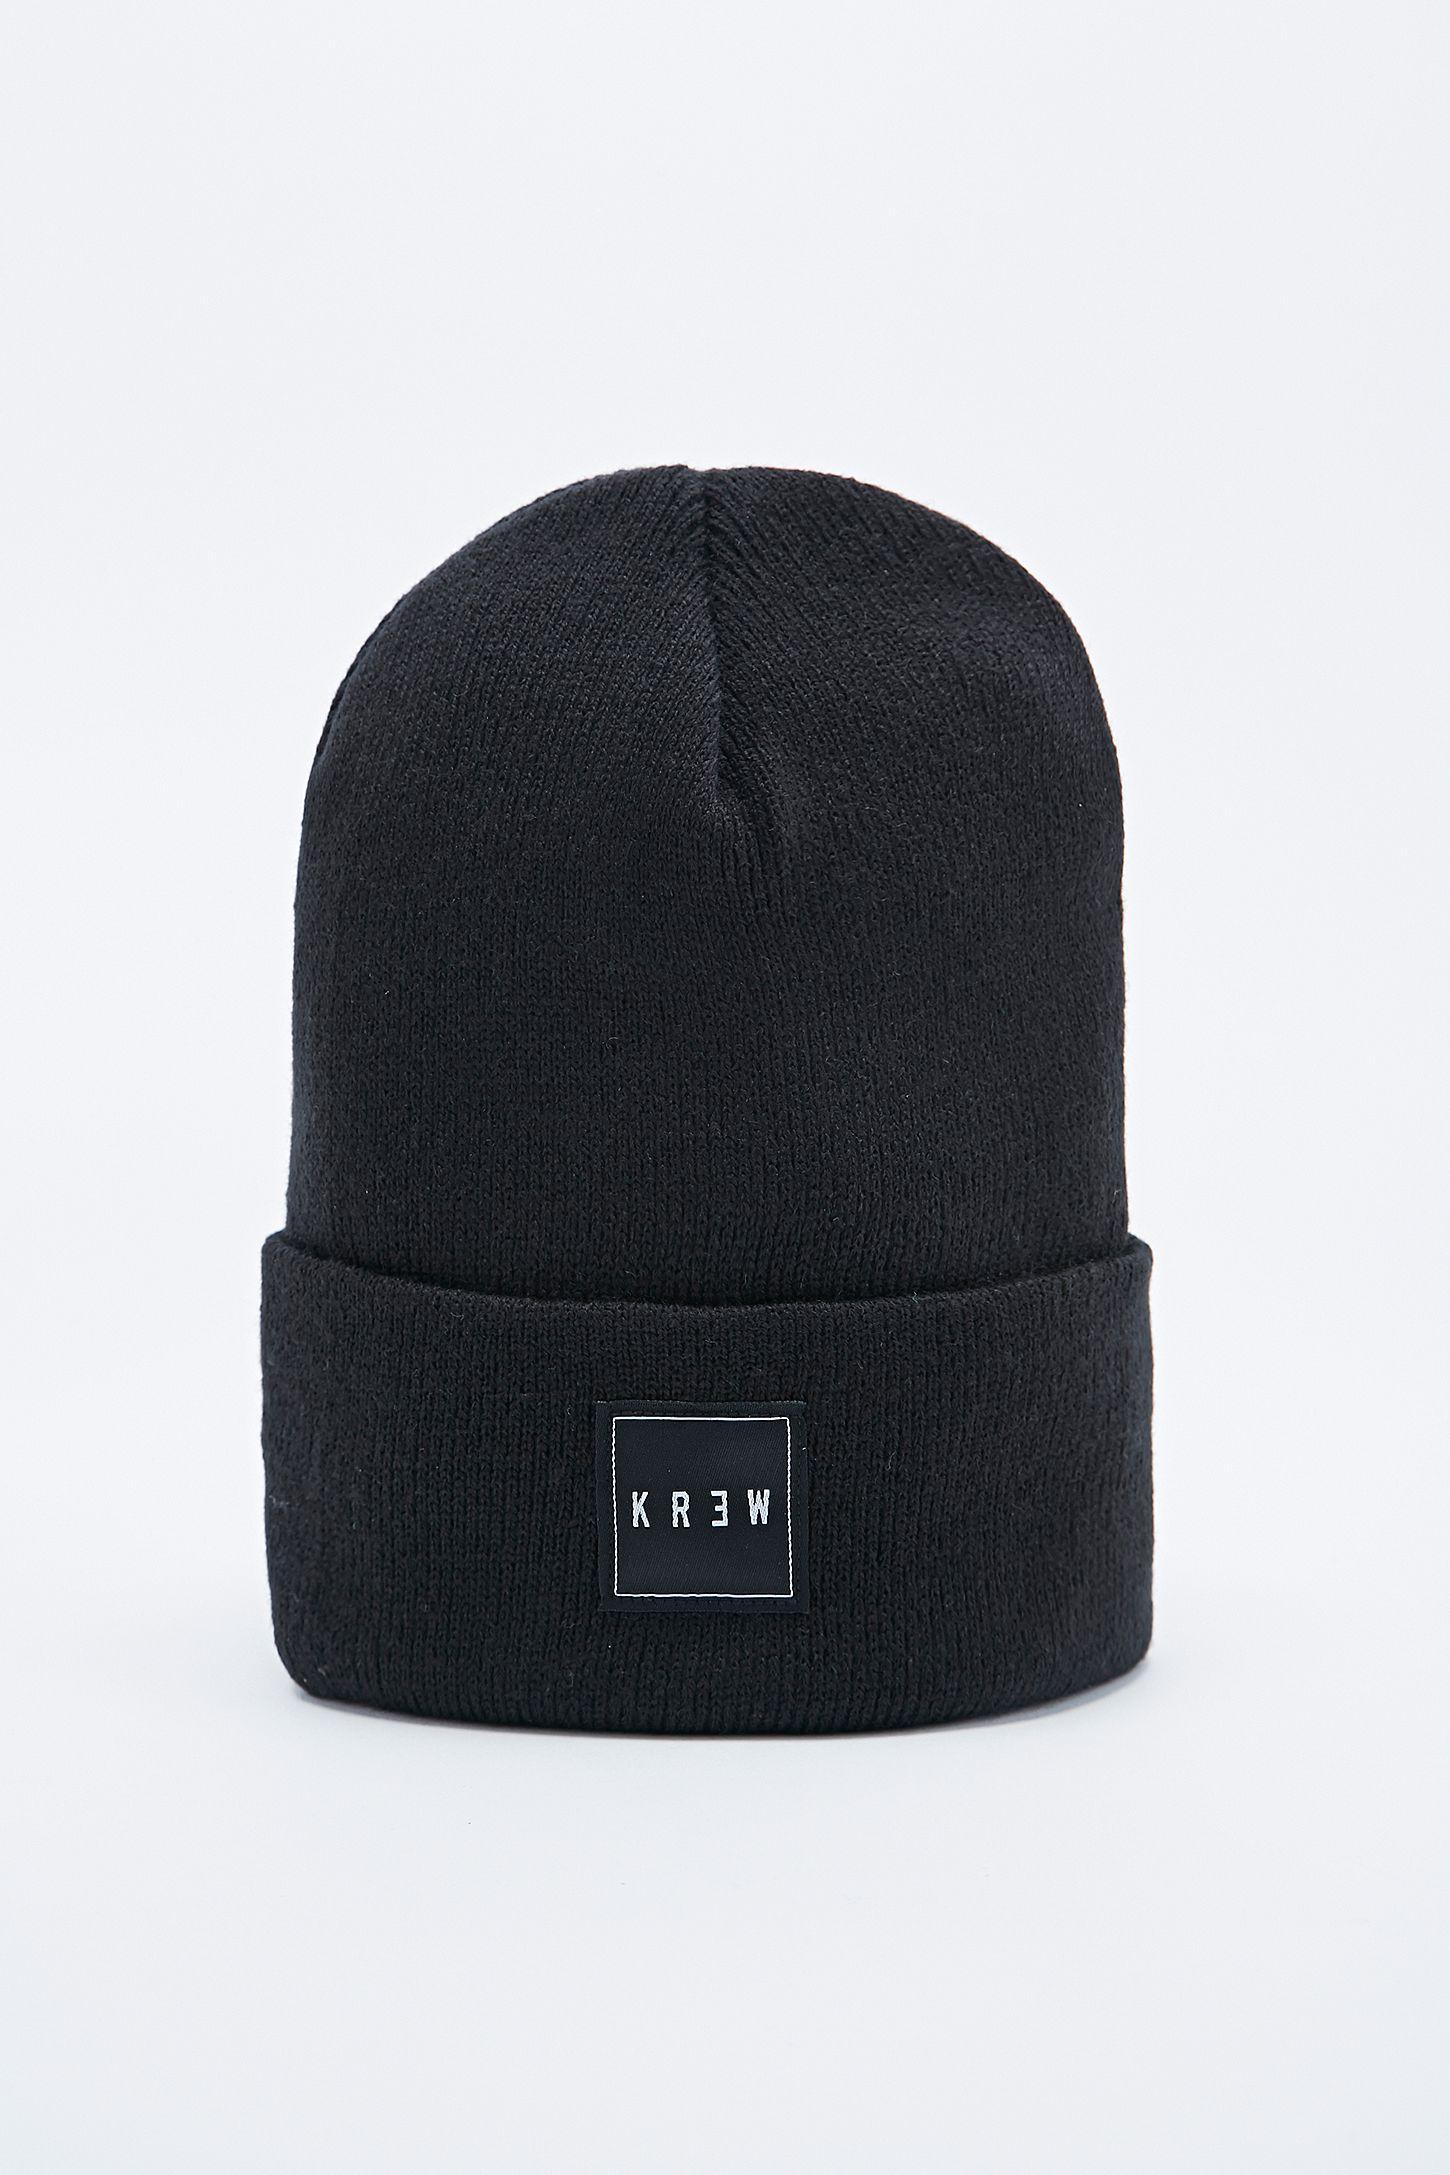 0635225a031 KR3W Jersey Beanie in Black